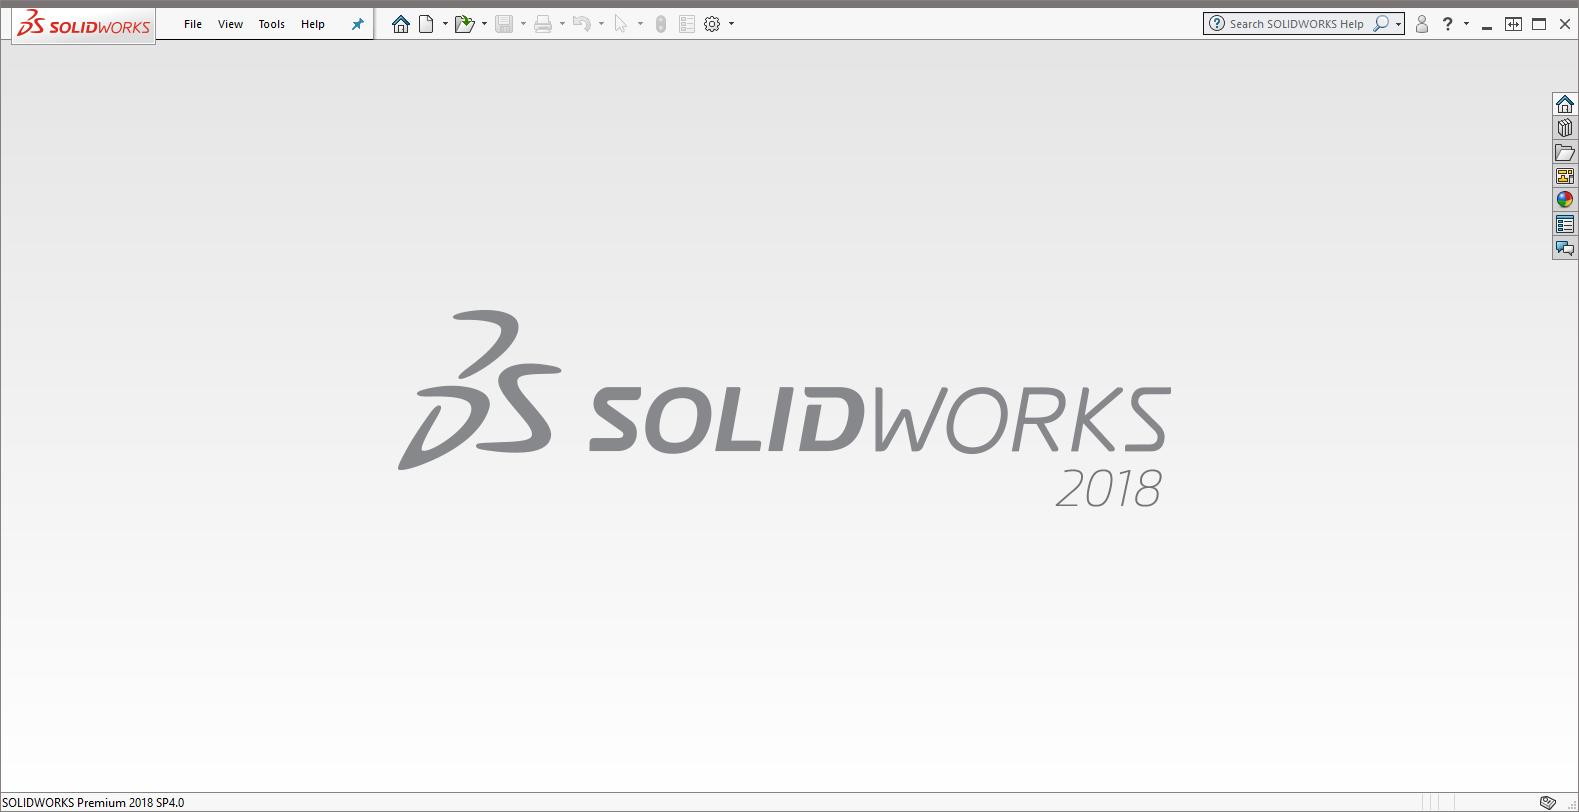 solidworks 2018 crack 64 bit torrent